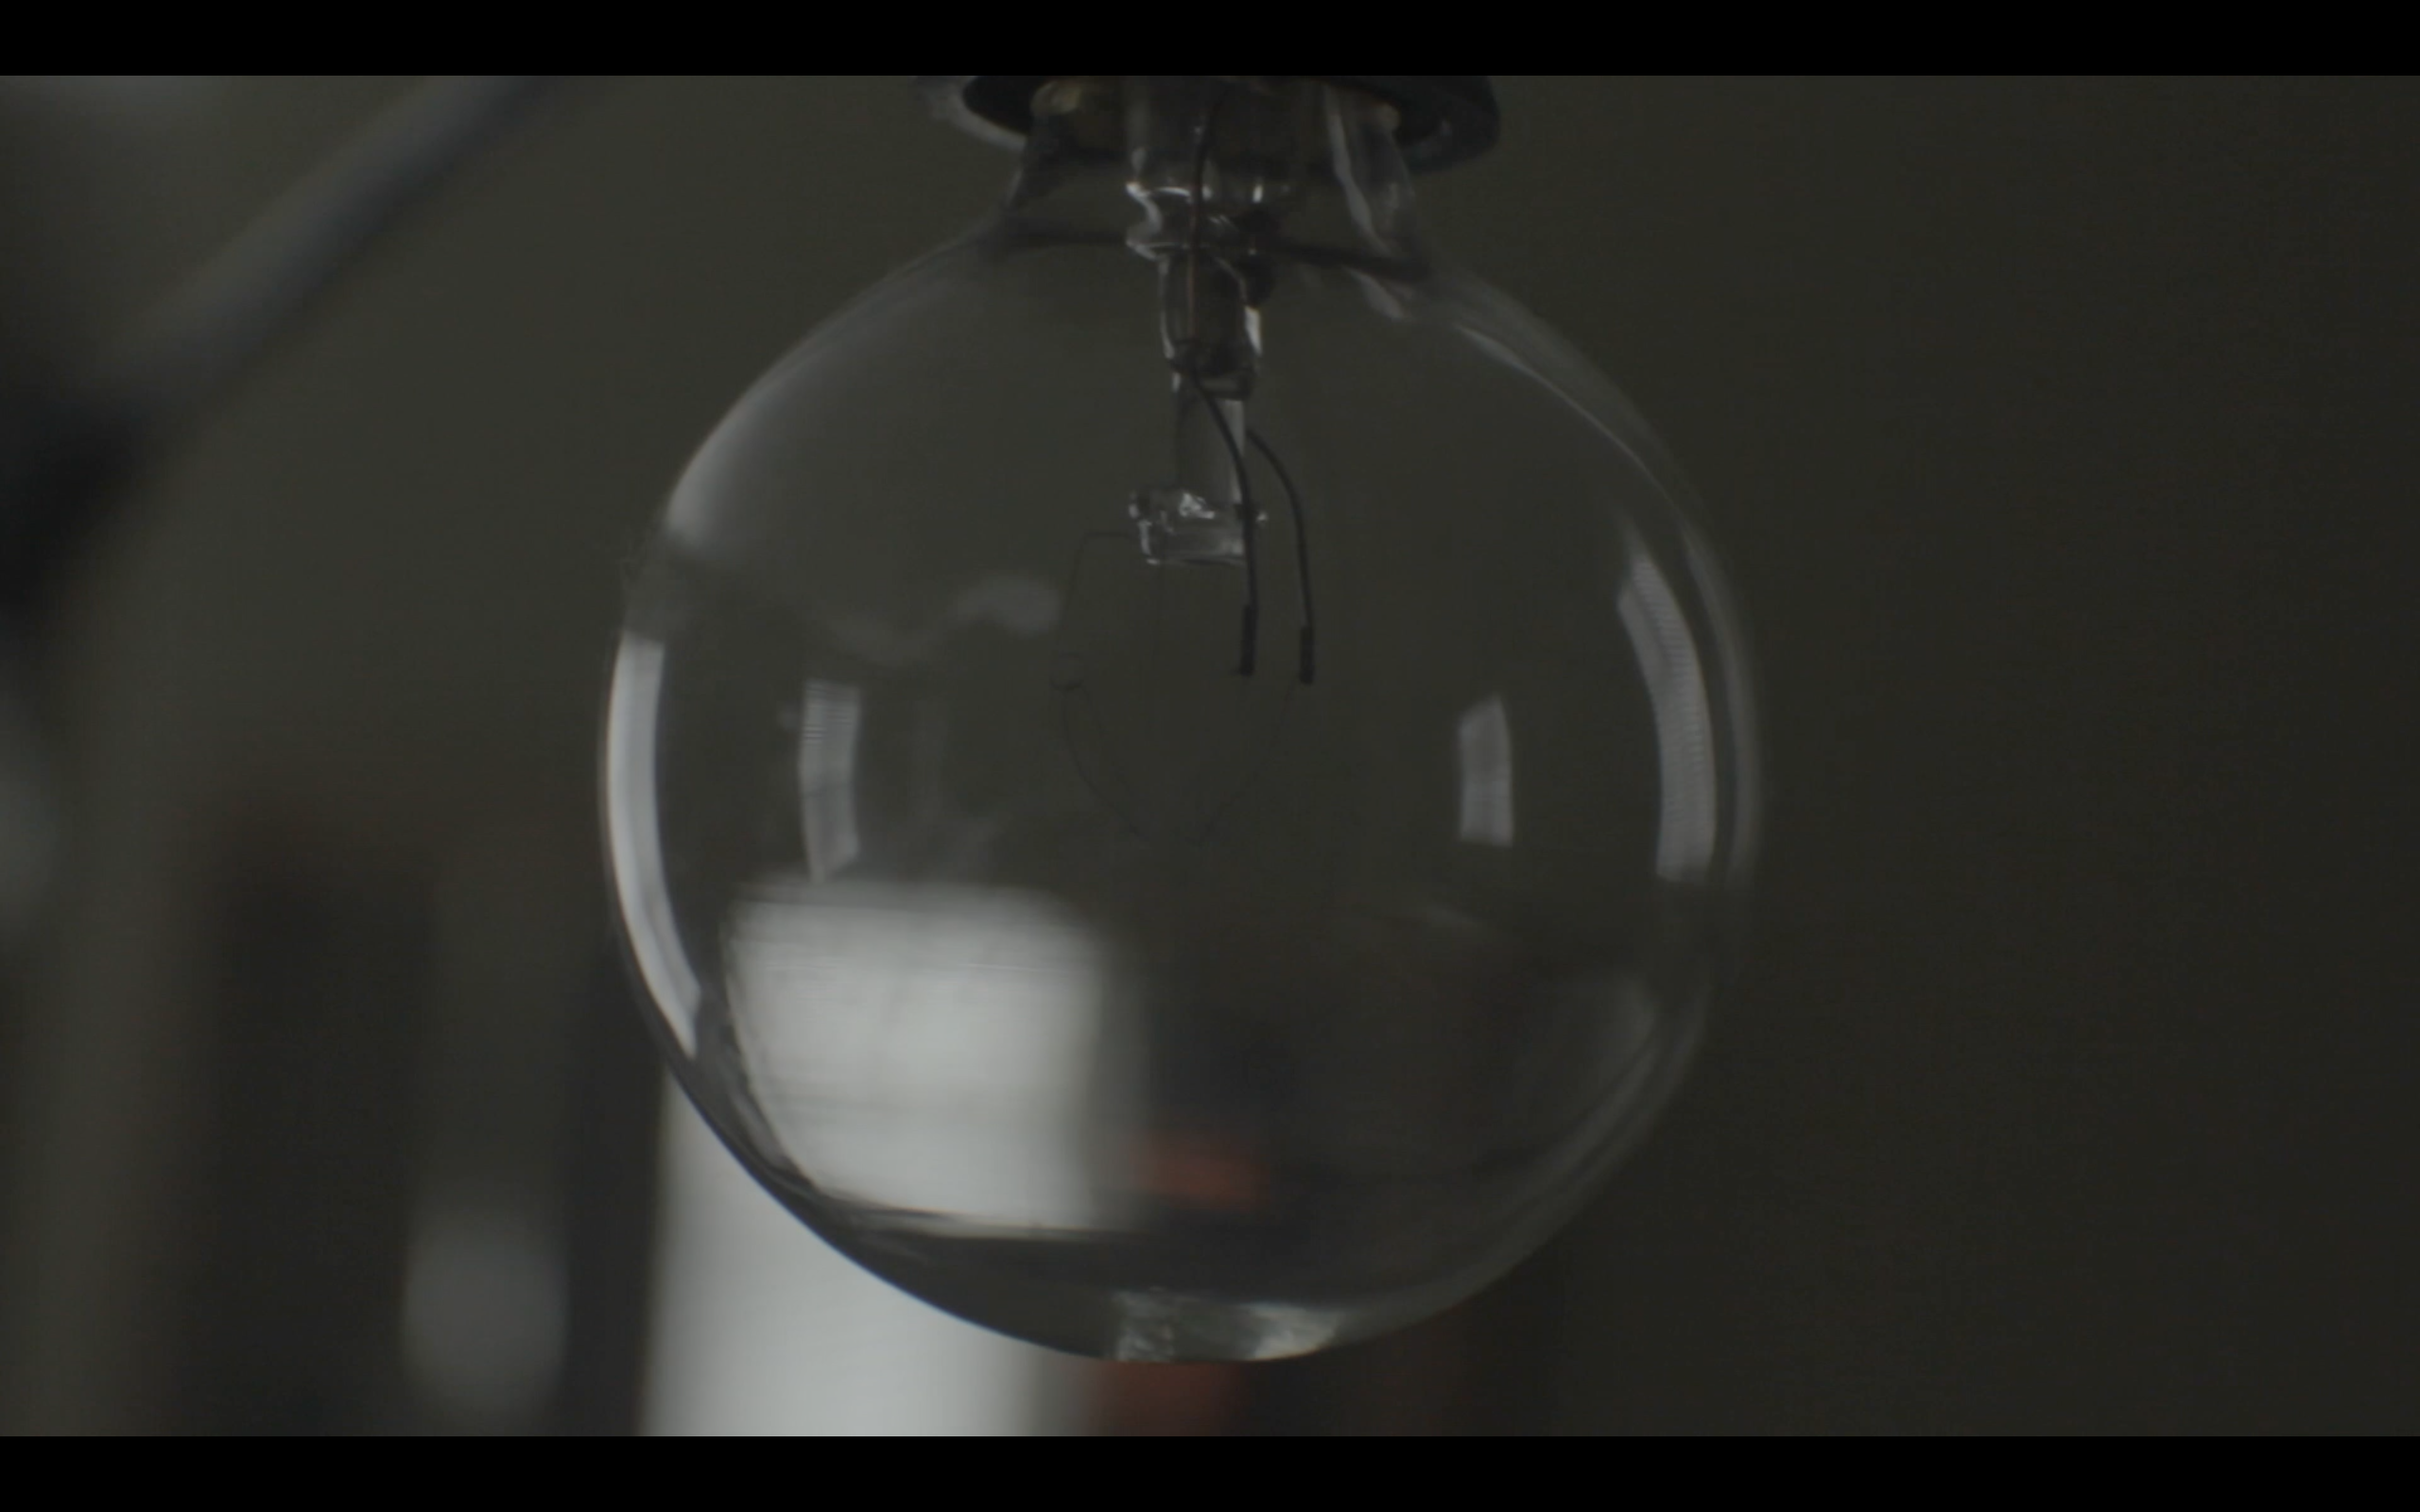 Light Bulb TM Creative Group